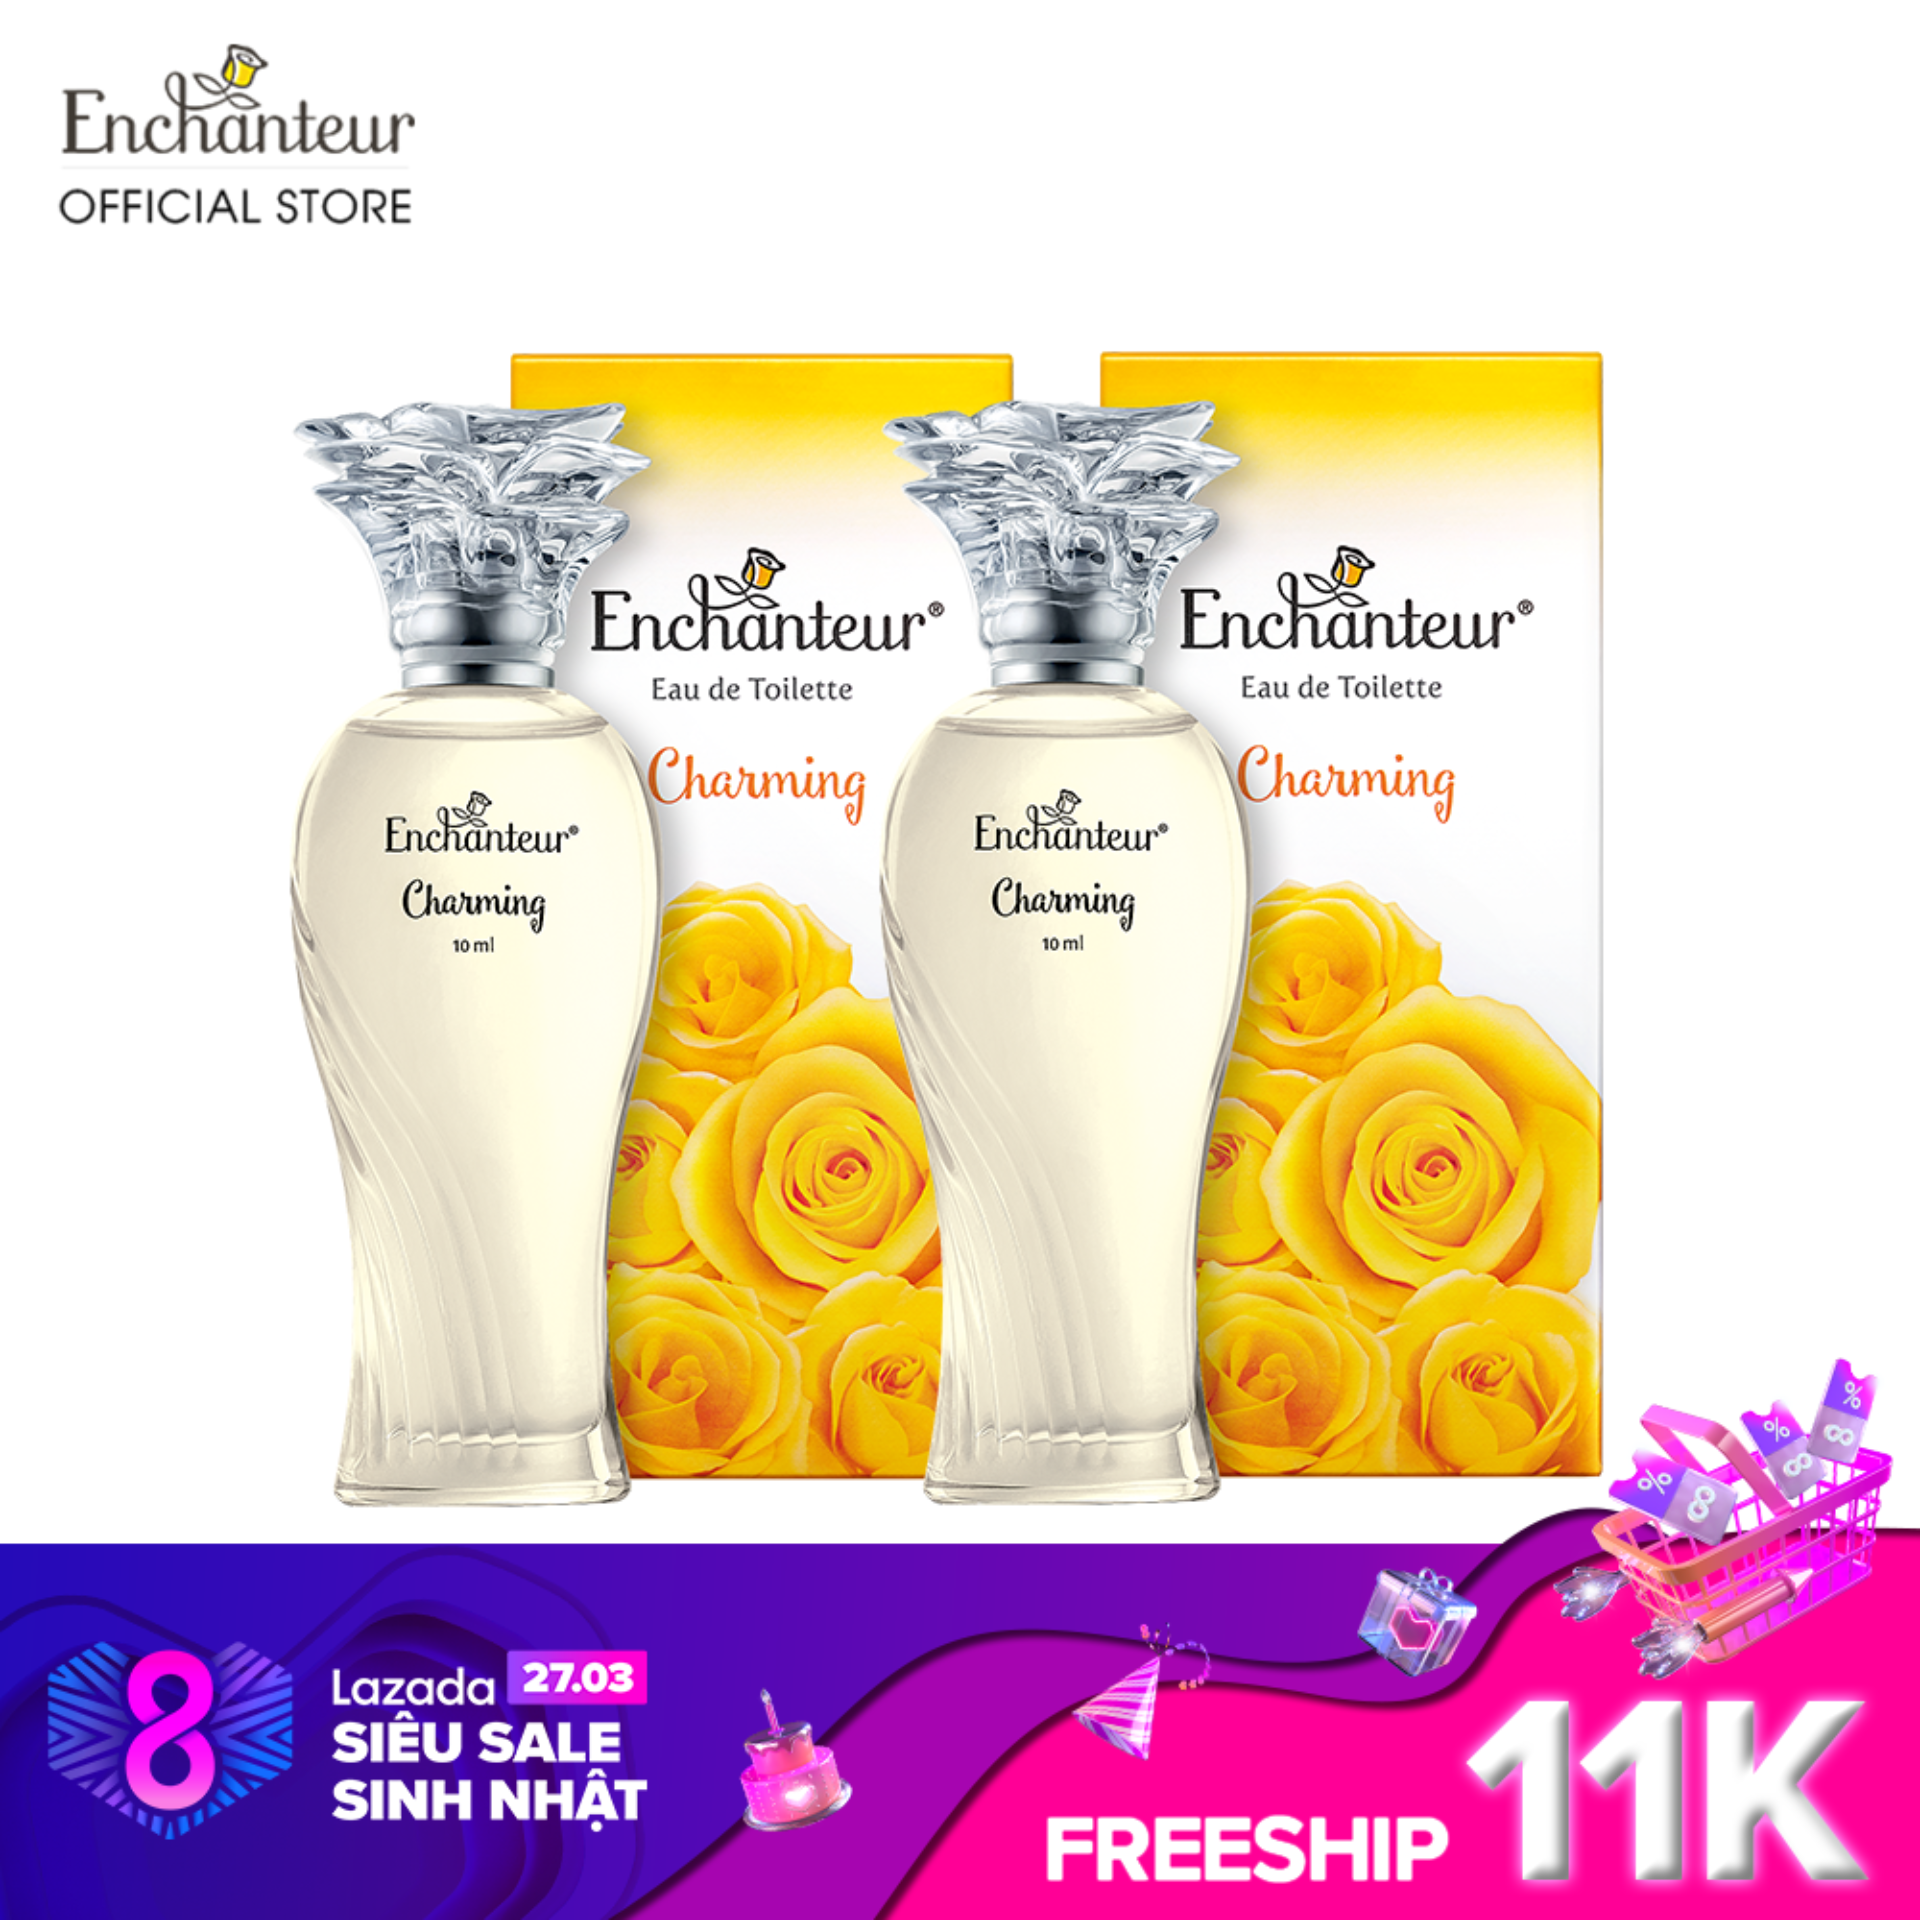 Combo 2 Nước hoa cao cấp Enchanteur hương Charming 10ml/Chai